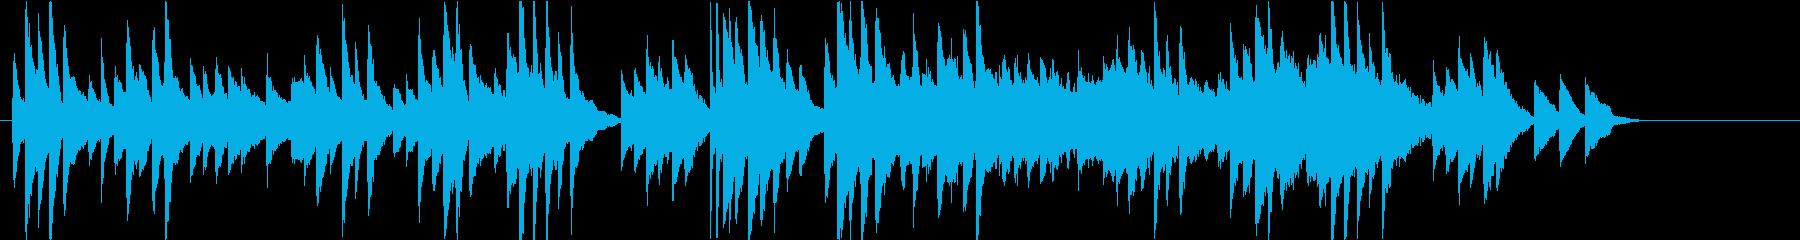 感動的なシーンに流れるピアノバラードの再生済みの波形